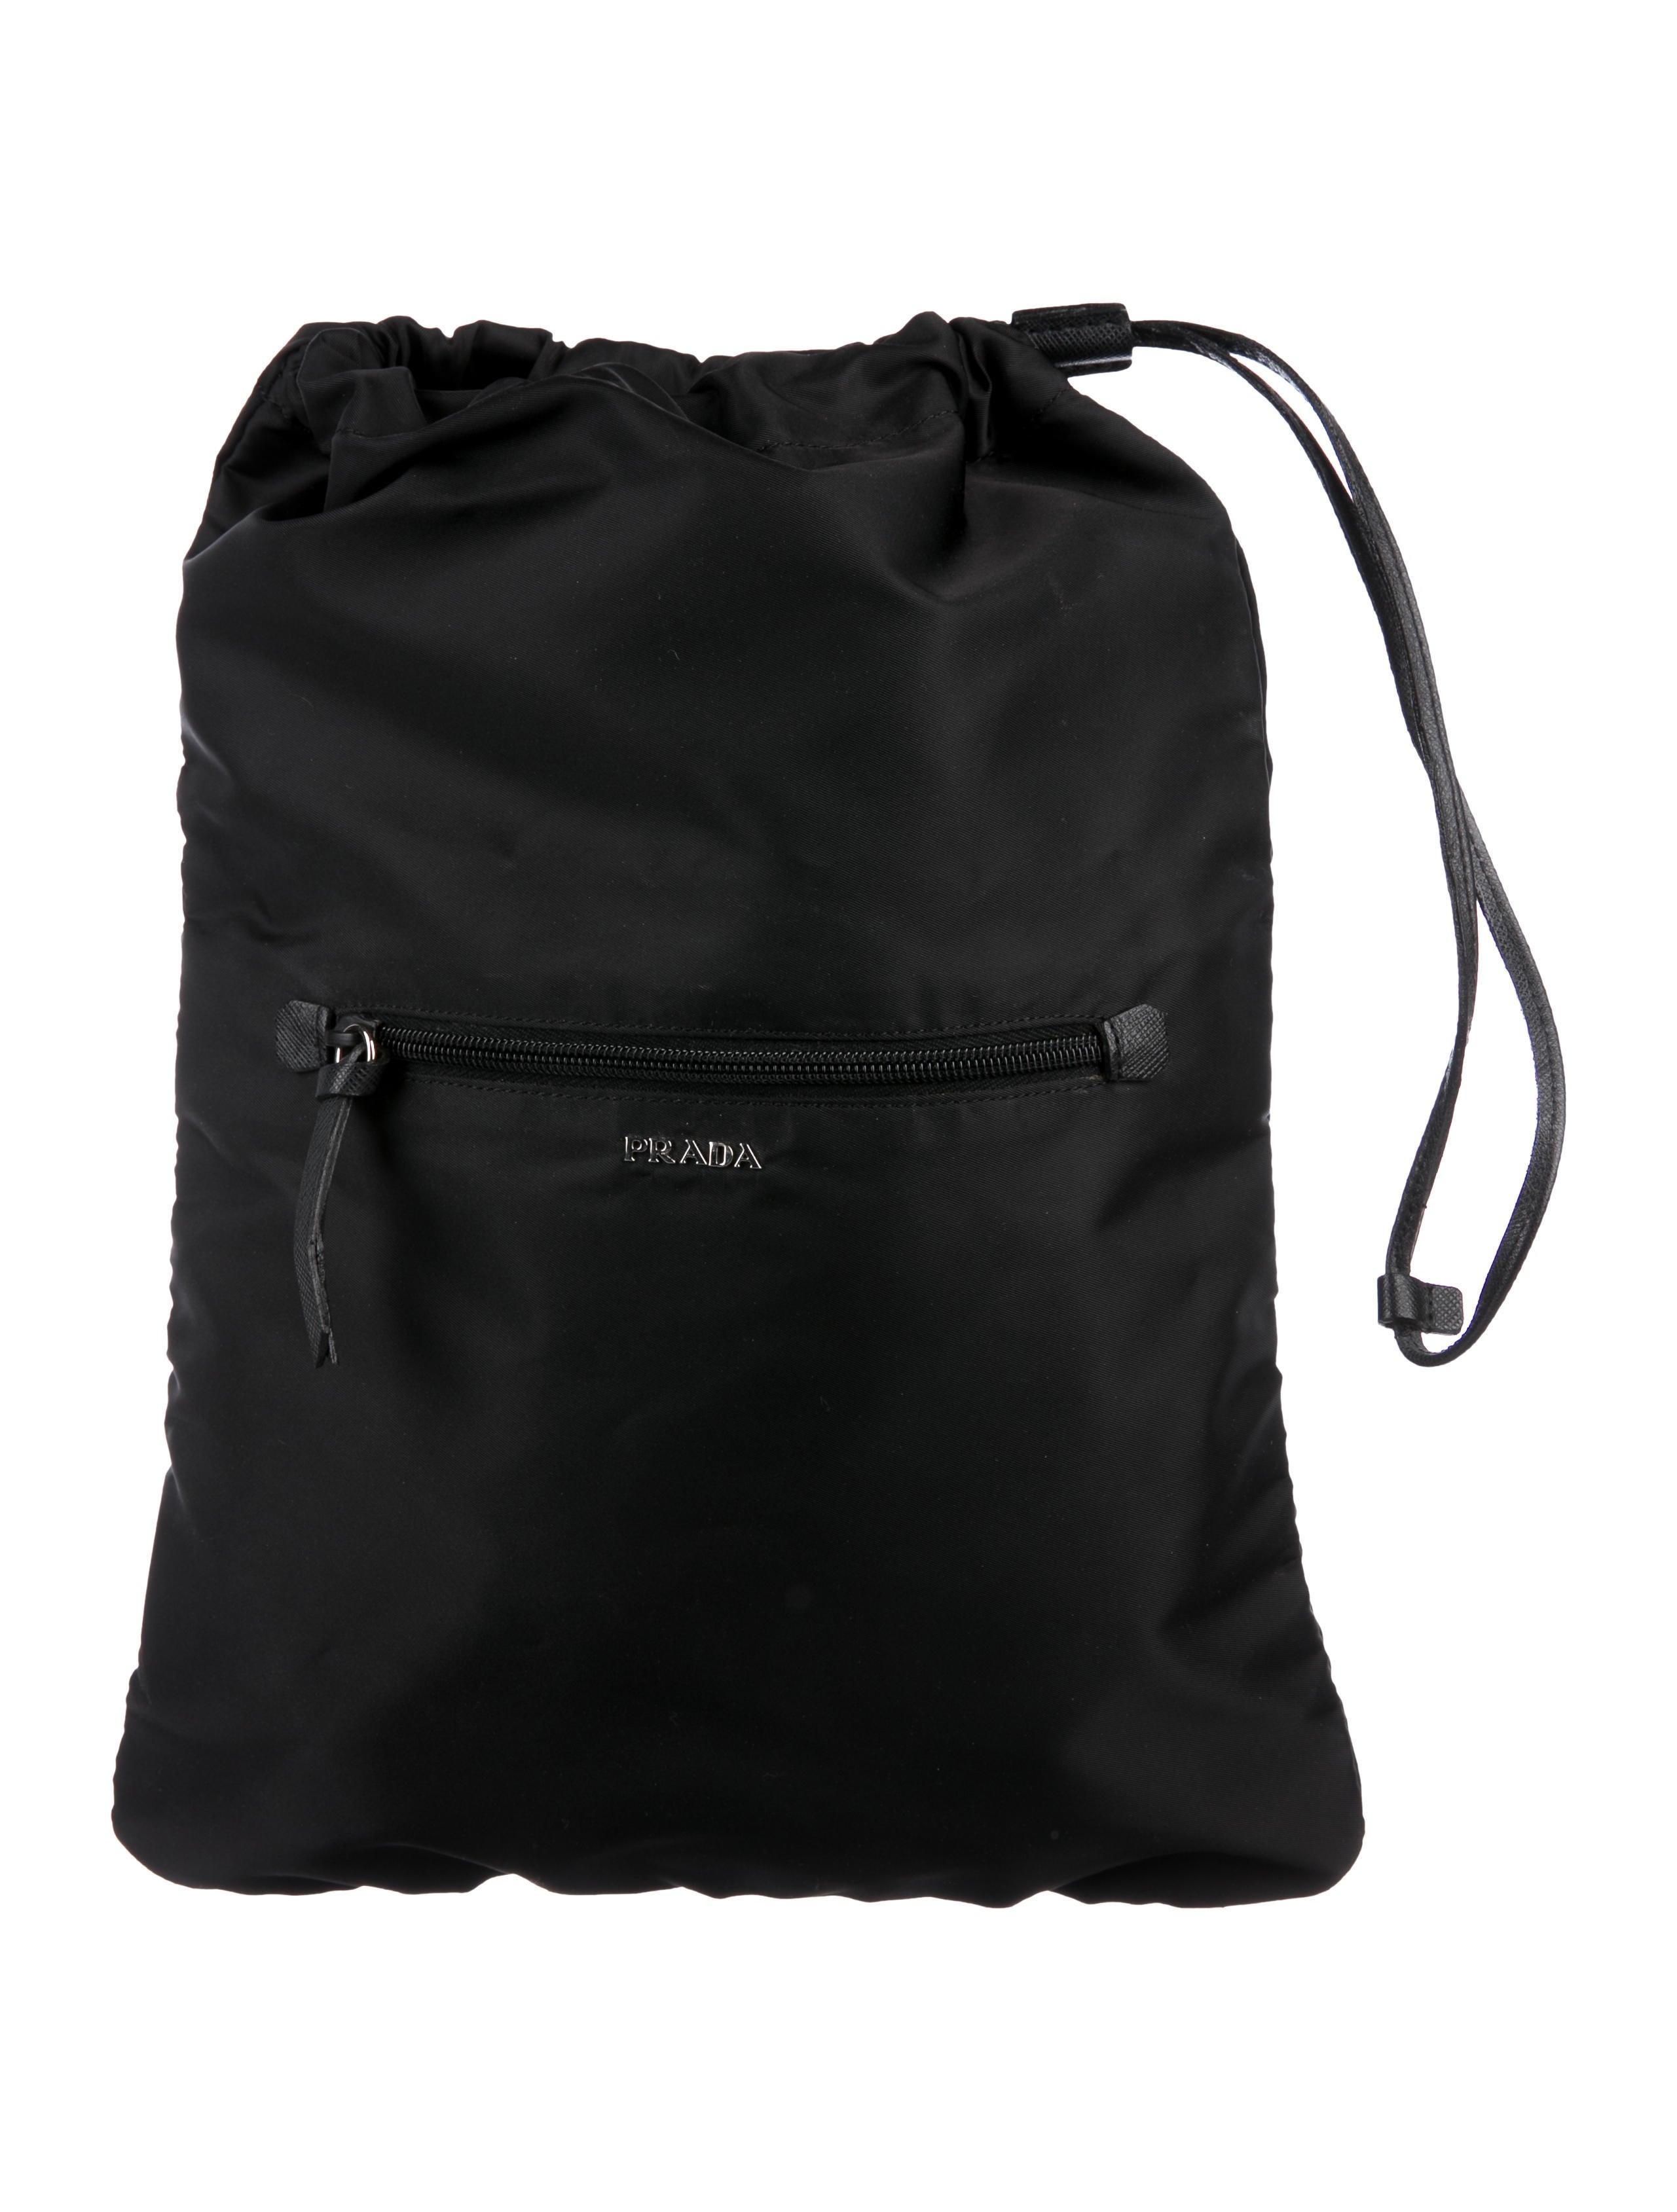 50a818cd031b Prada Tessuto Drawstring Bag - Bags - PRA268866